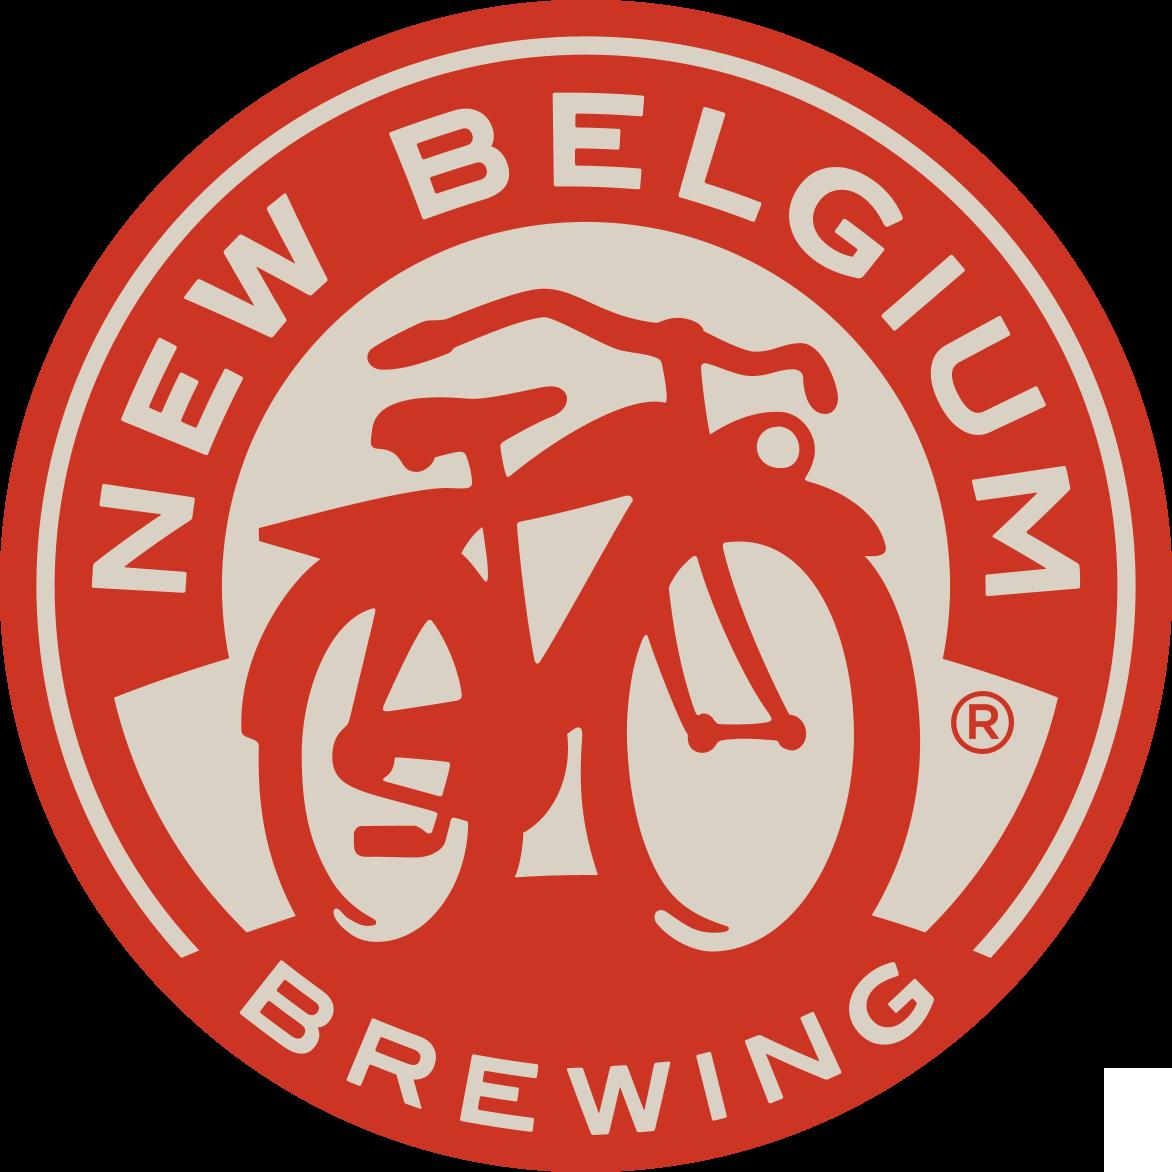 nb-logo-best